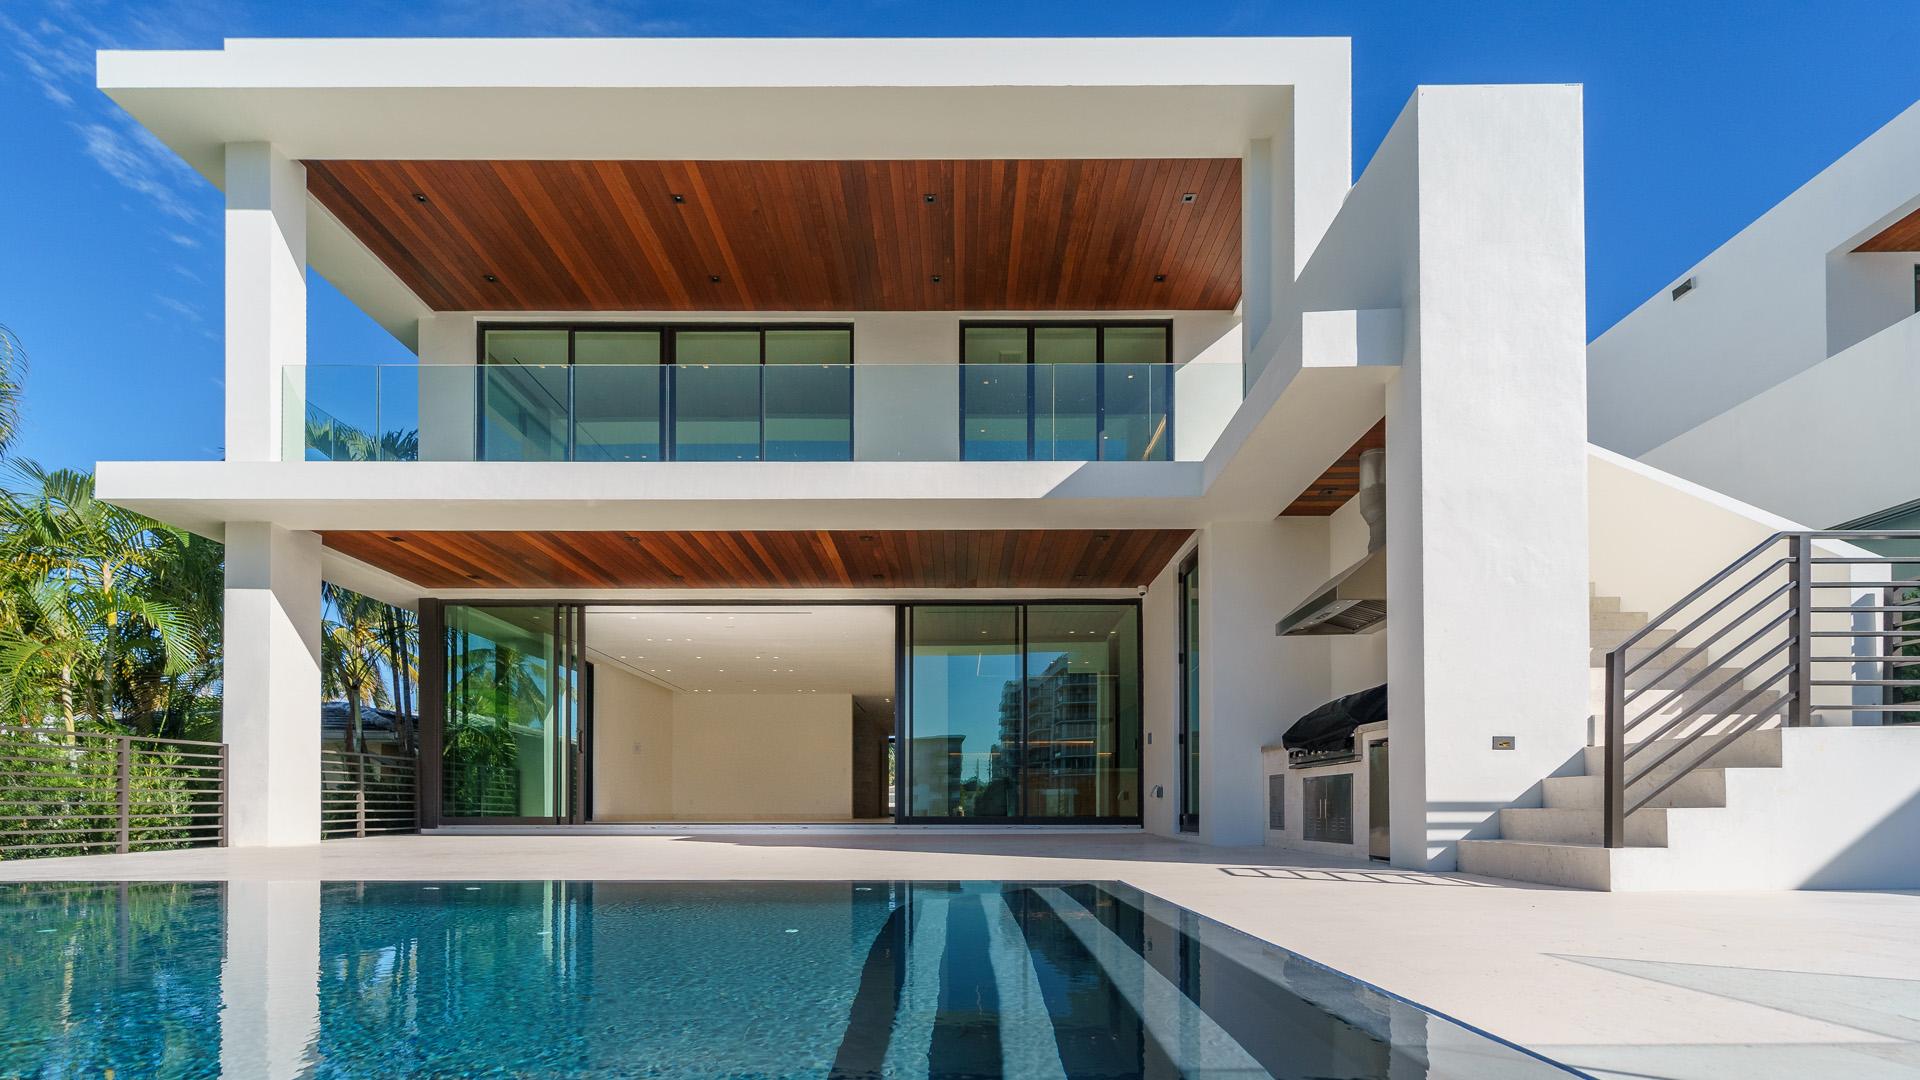 Casas Estepona real estate y Pisos Estepona real estate